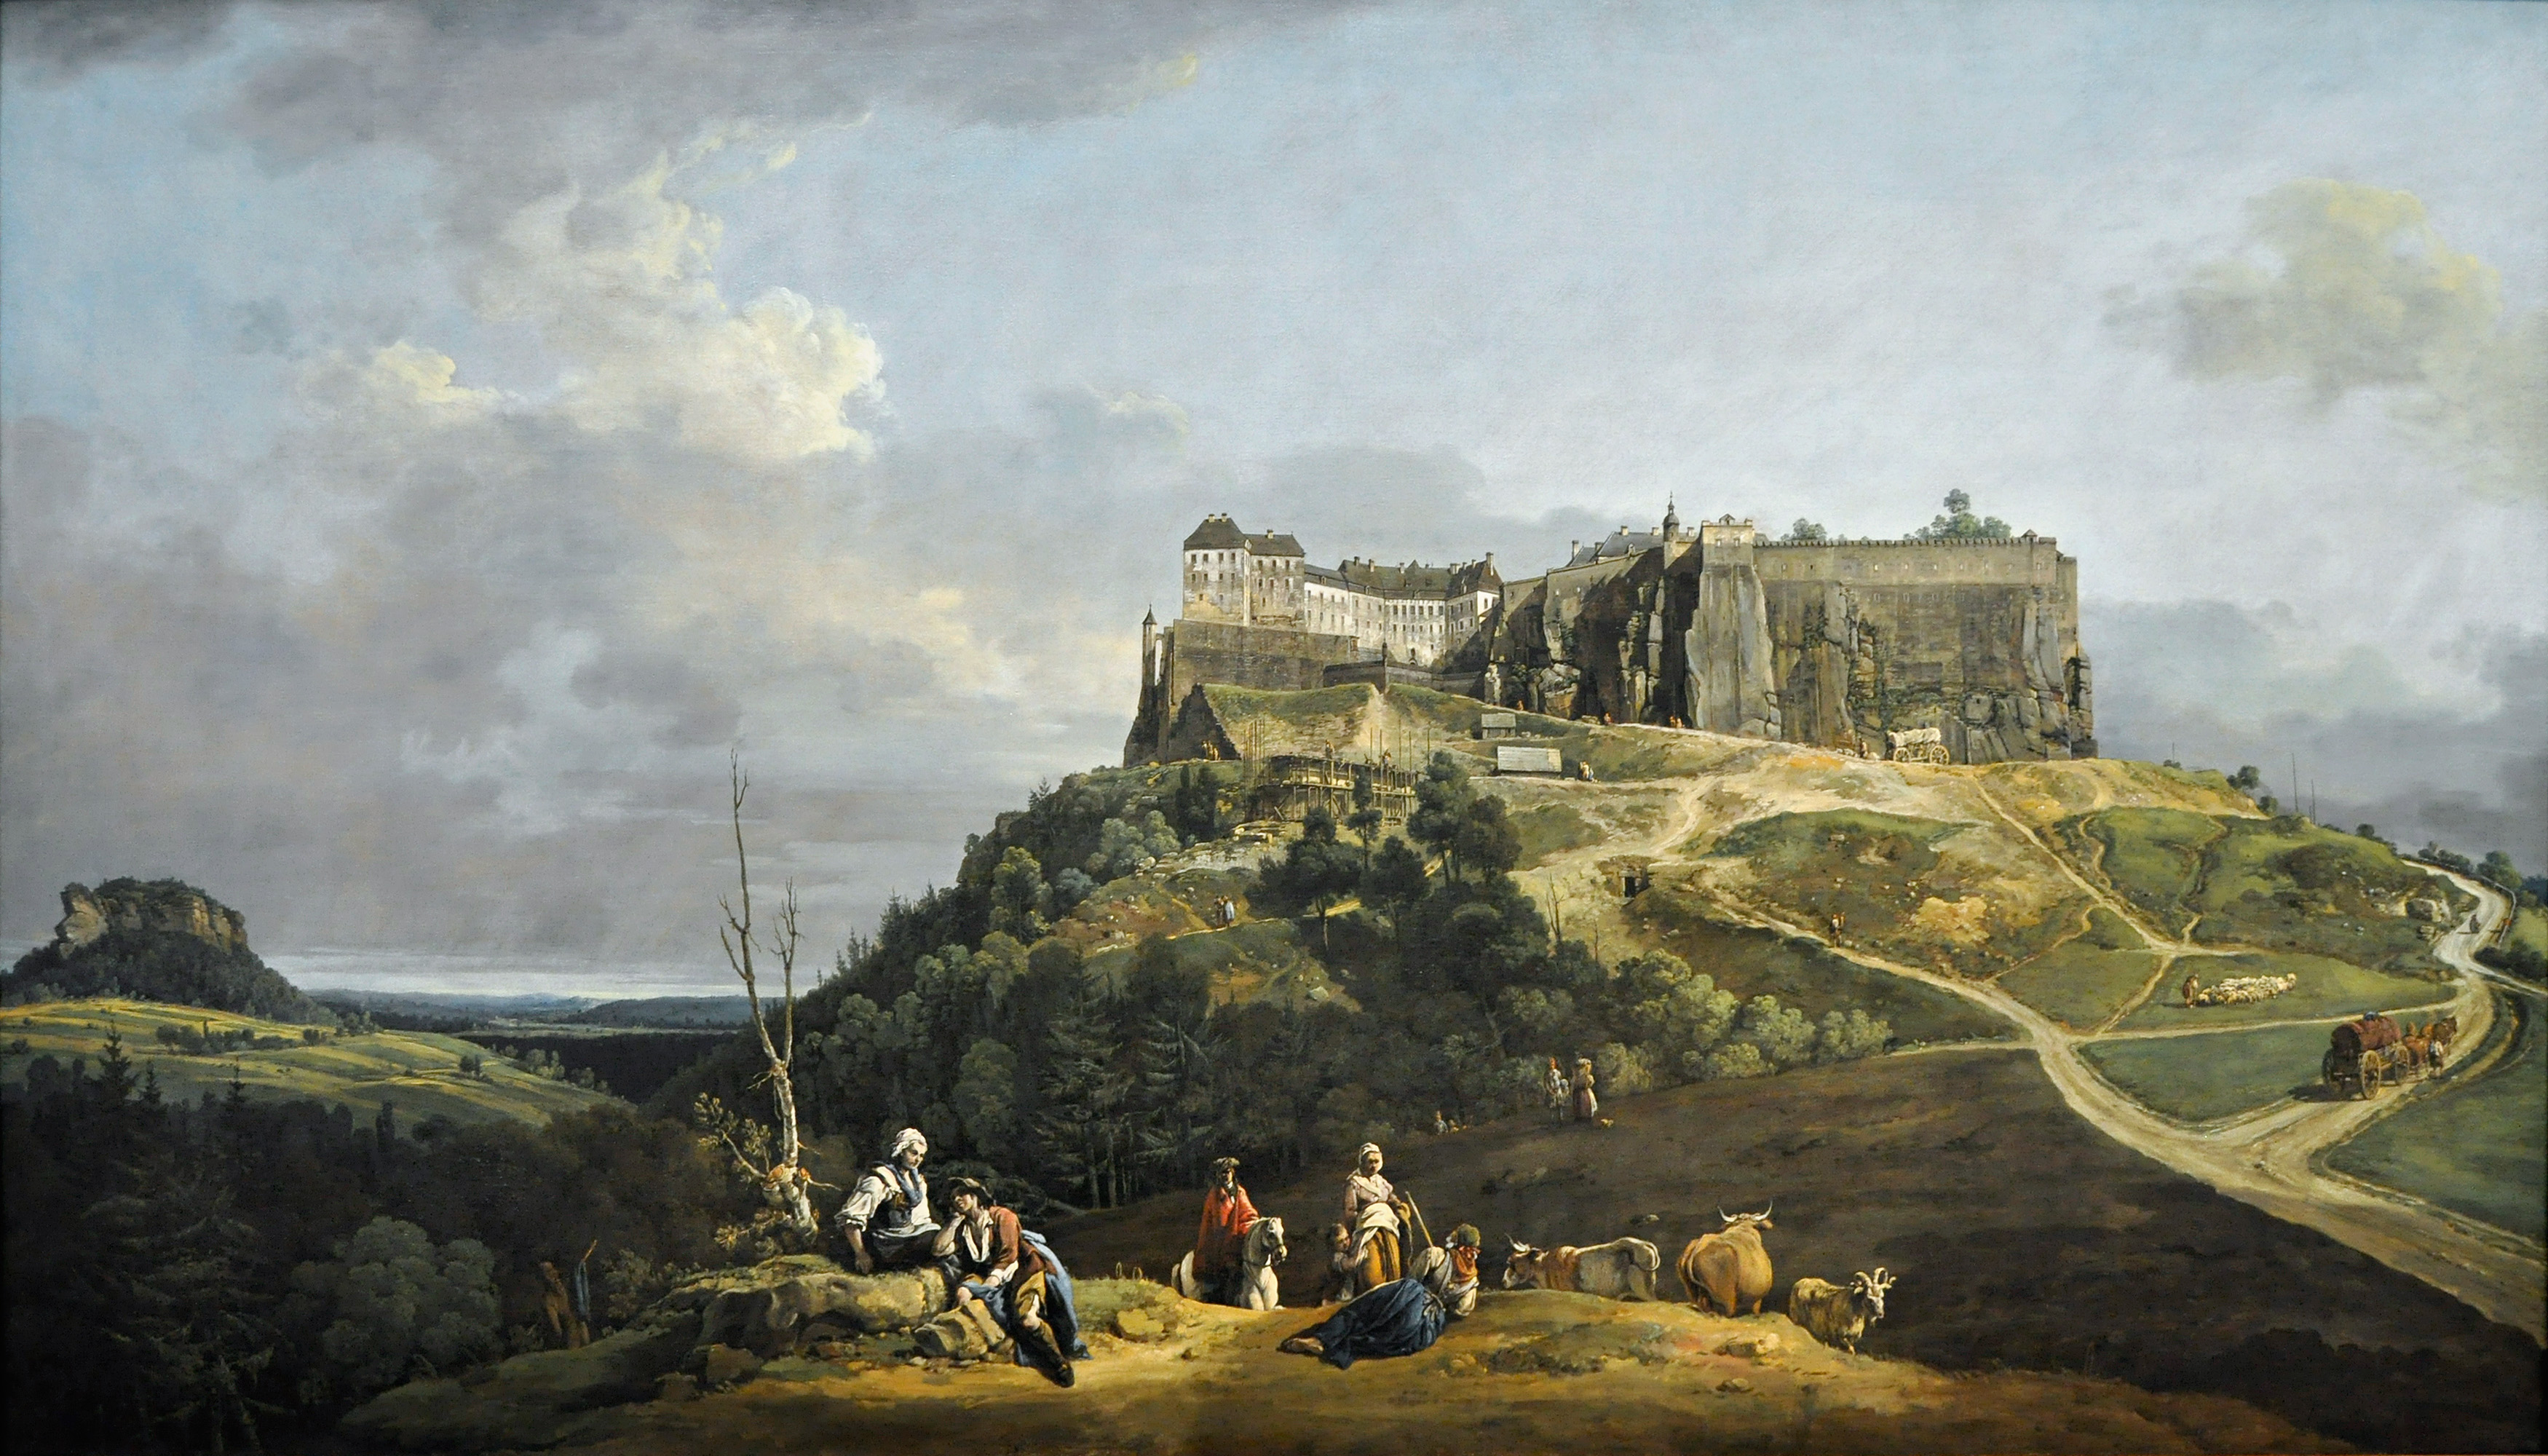 Festung_K%C3%B6nigstein_1756-1758_Canaletto.jpg